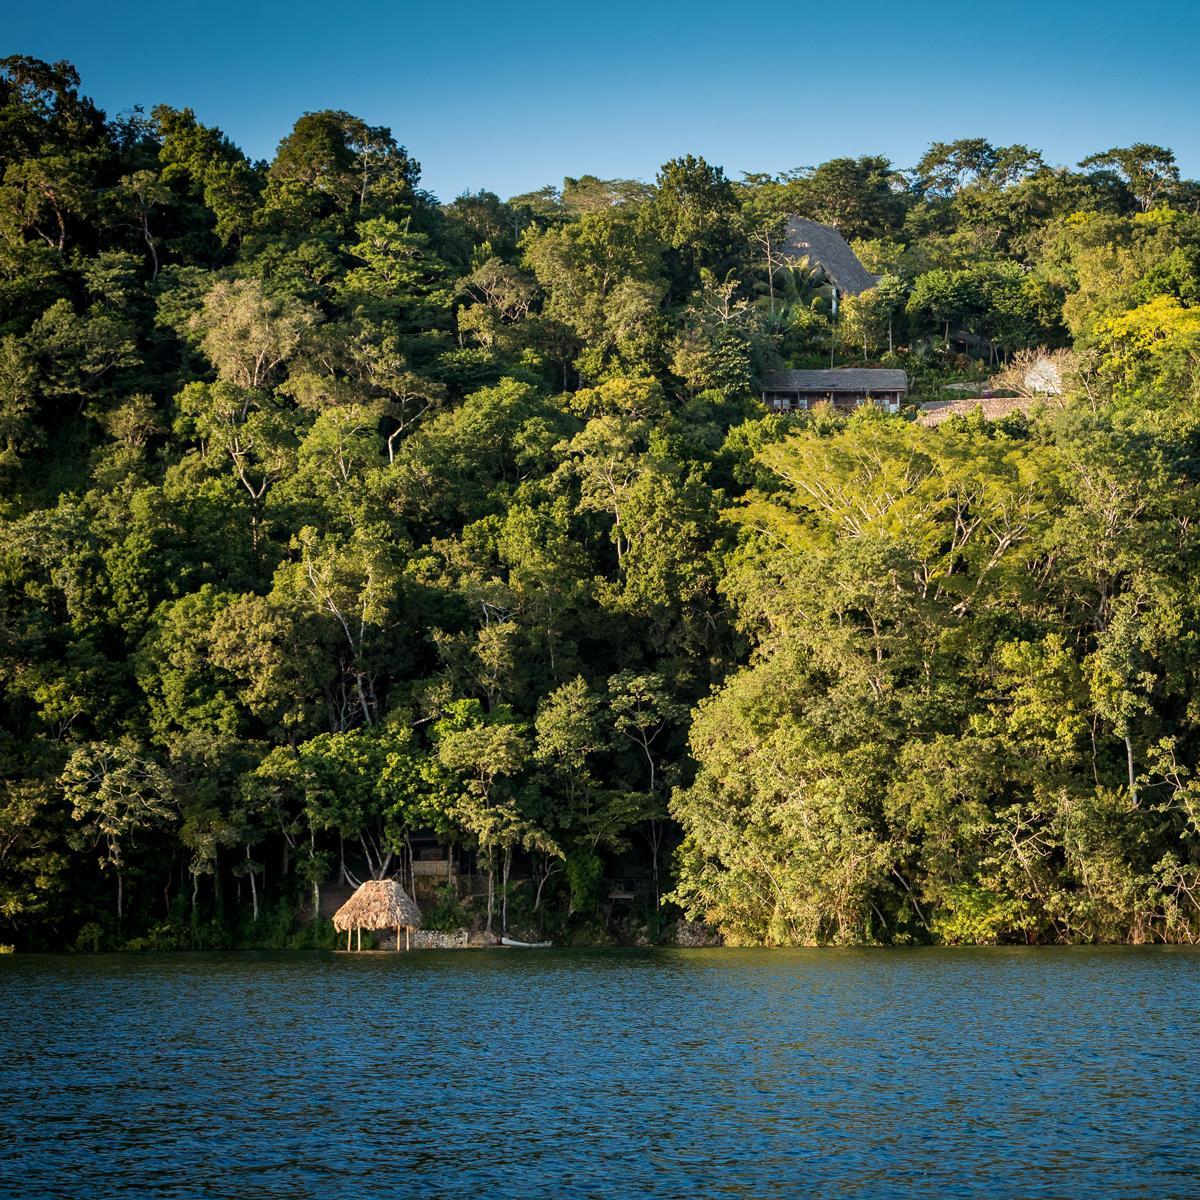 La-Lancha-Guatemala_09-La-Lancha-Dock